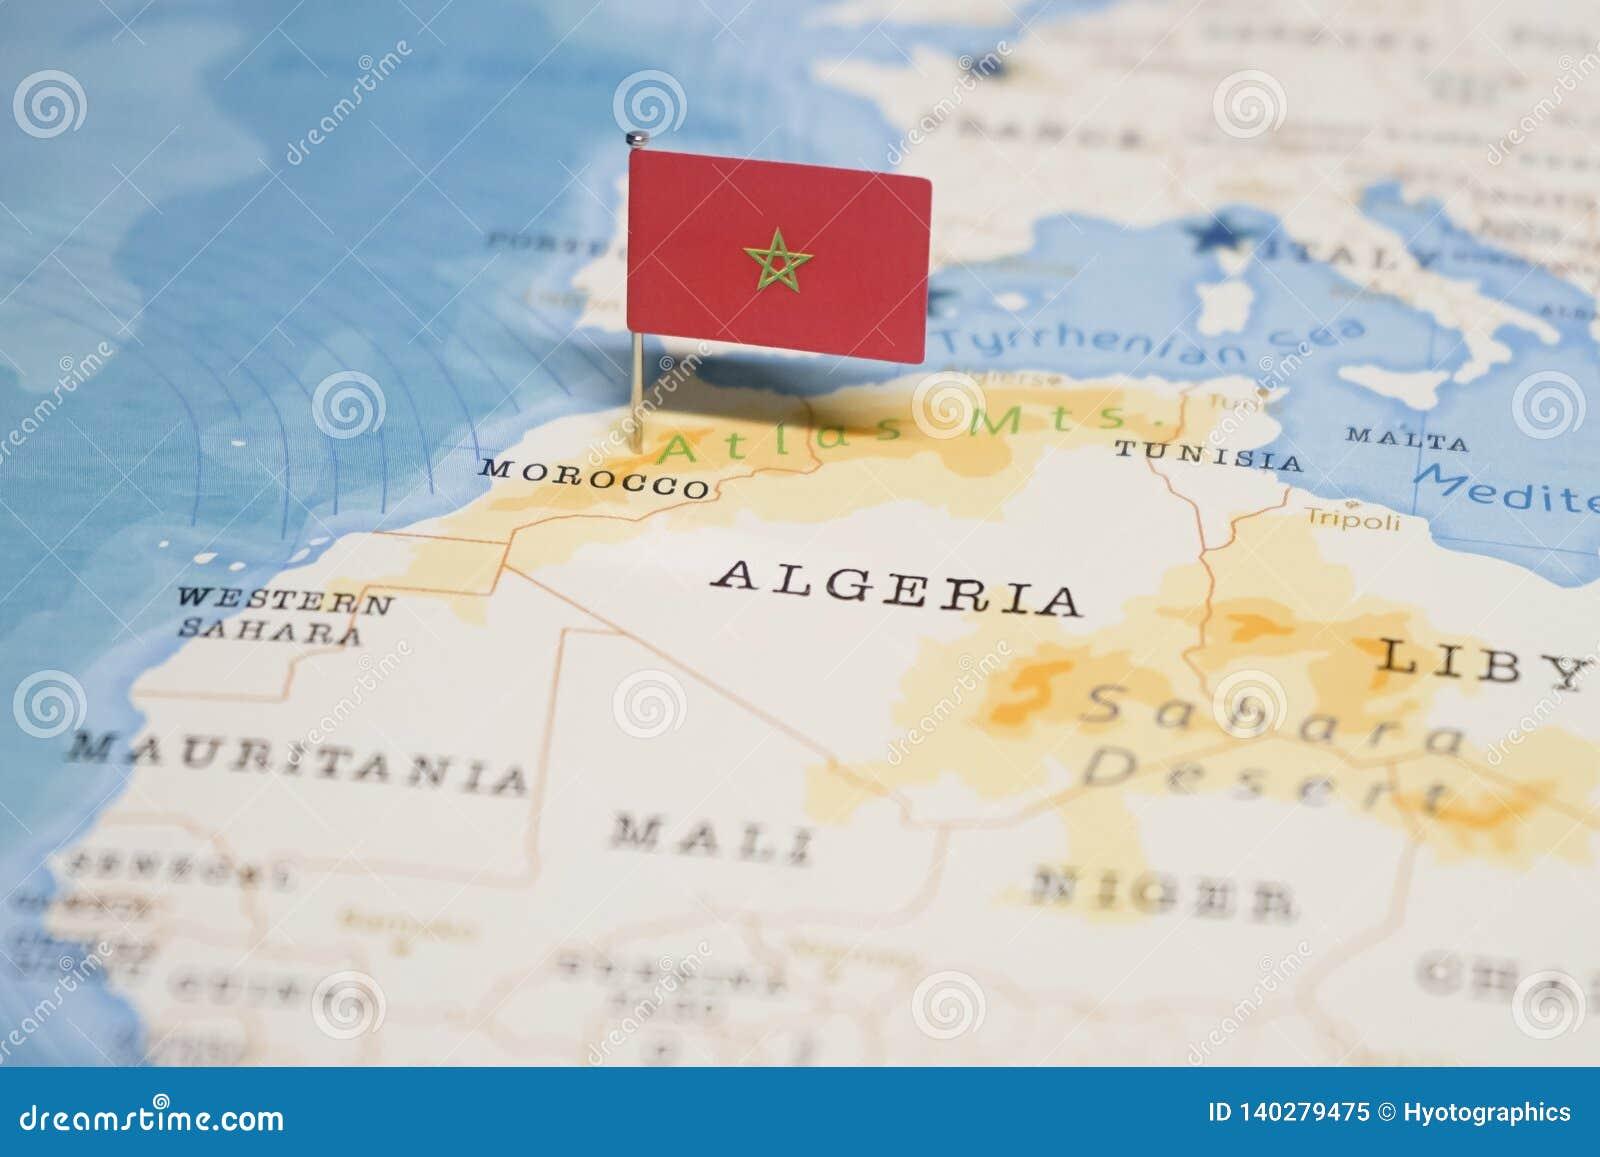 maroc carte du monde Le Drapeau Du Maroc Dans La Carte Du Monde Image stock   Image du